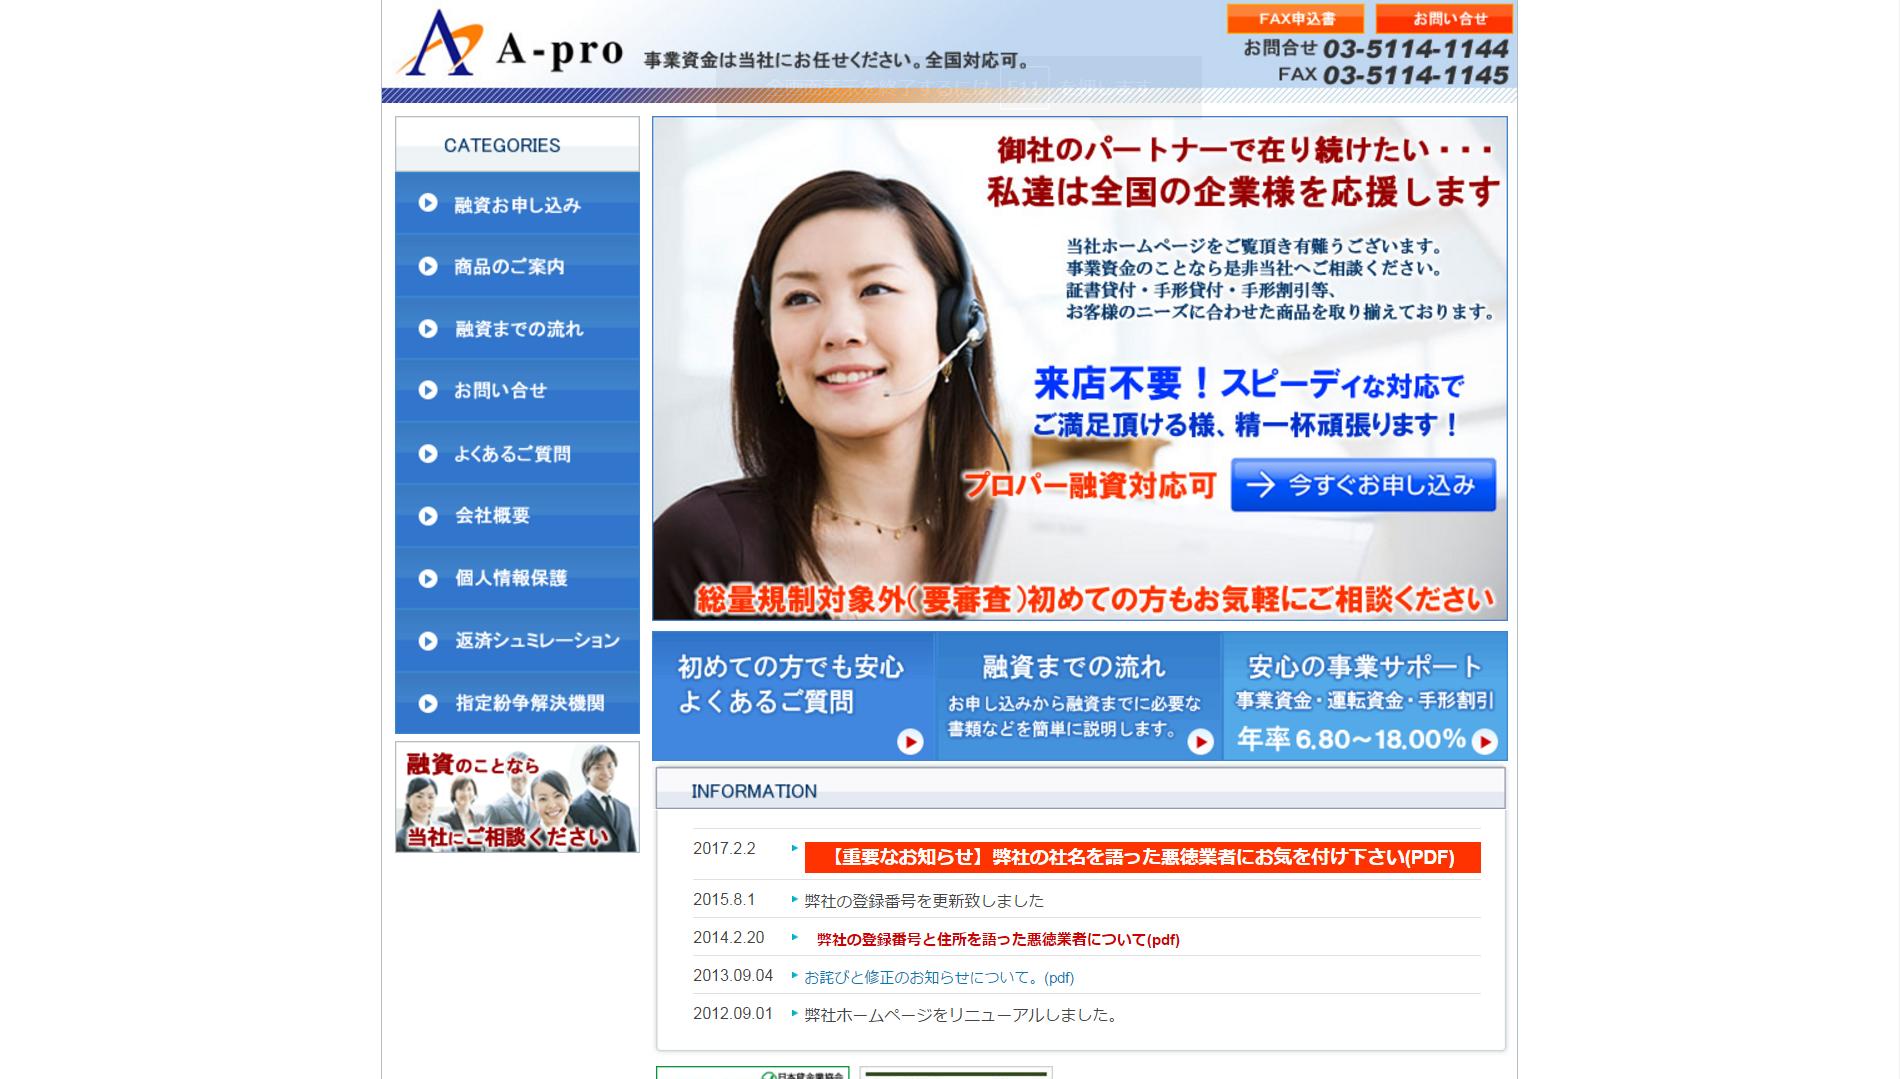 A-pro(東京都港区赤坂)